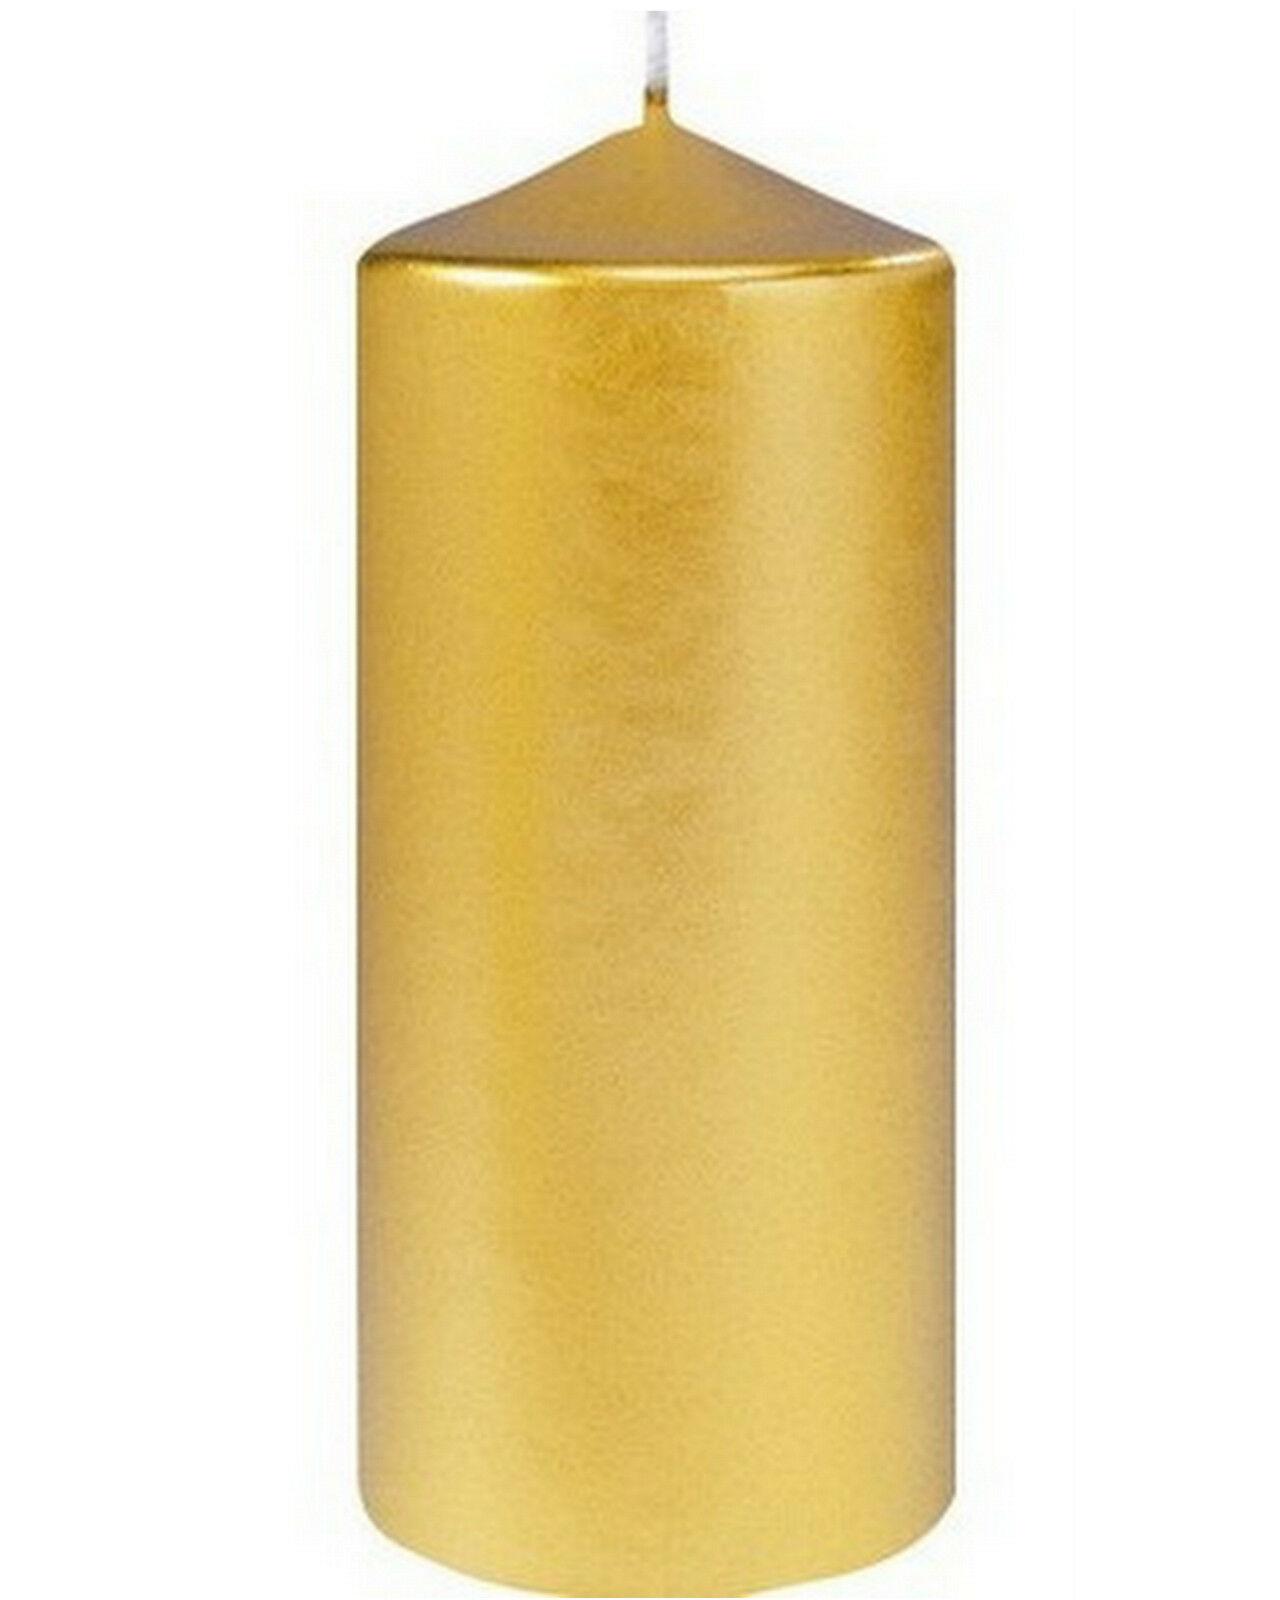 12 Stück Stumpenkerzen 150 x 70 mm groß Stumpen Kerzen Gold glänzend Candle - 12 Stück